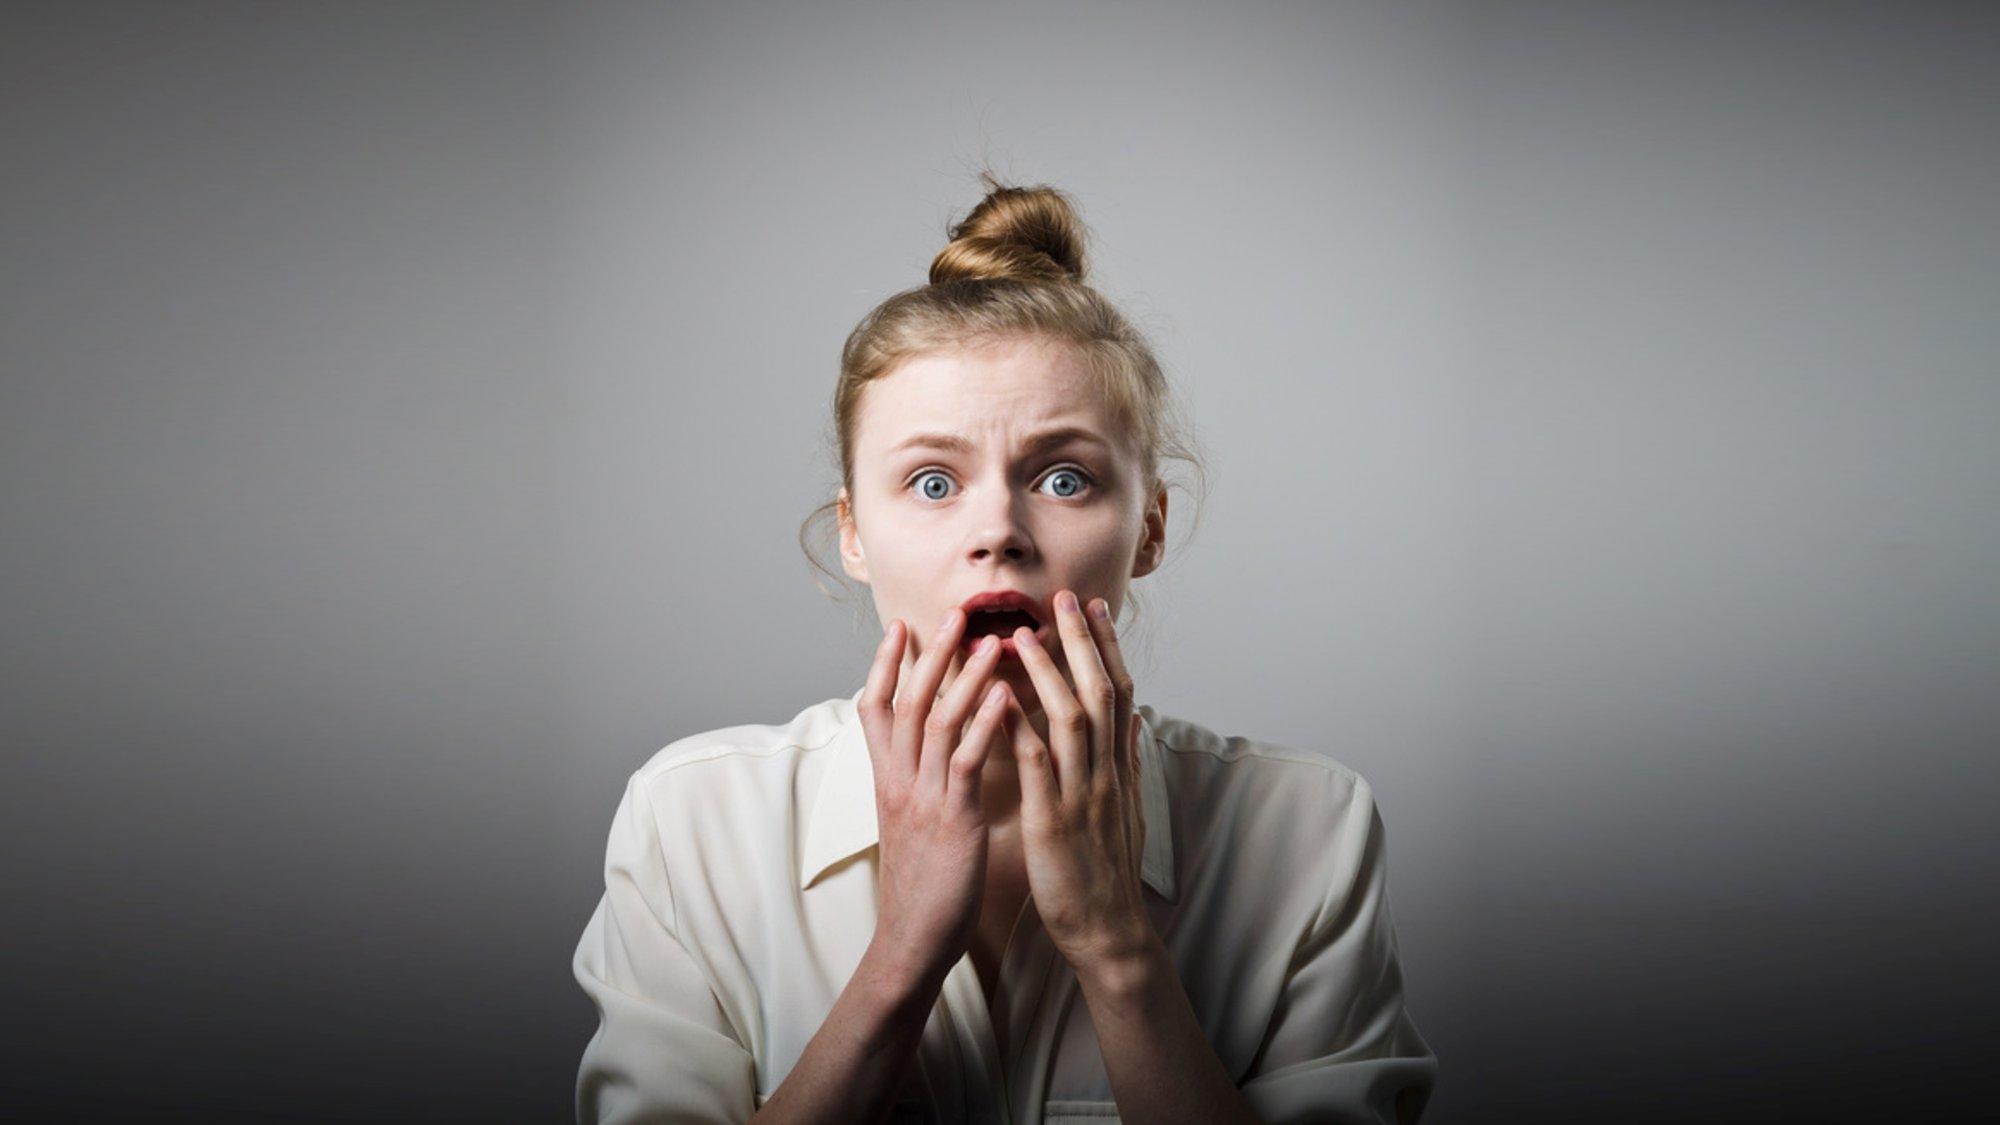 Умение читать чужие эмоции снижает преступные наклонности